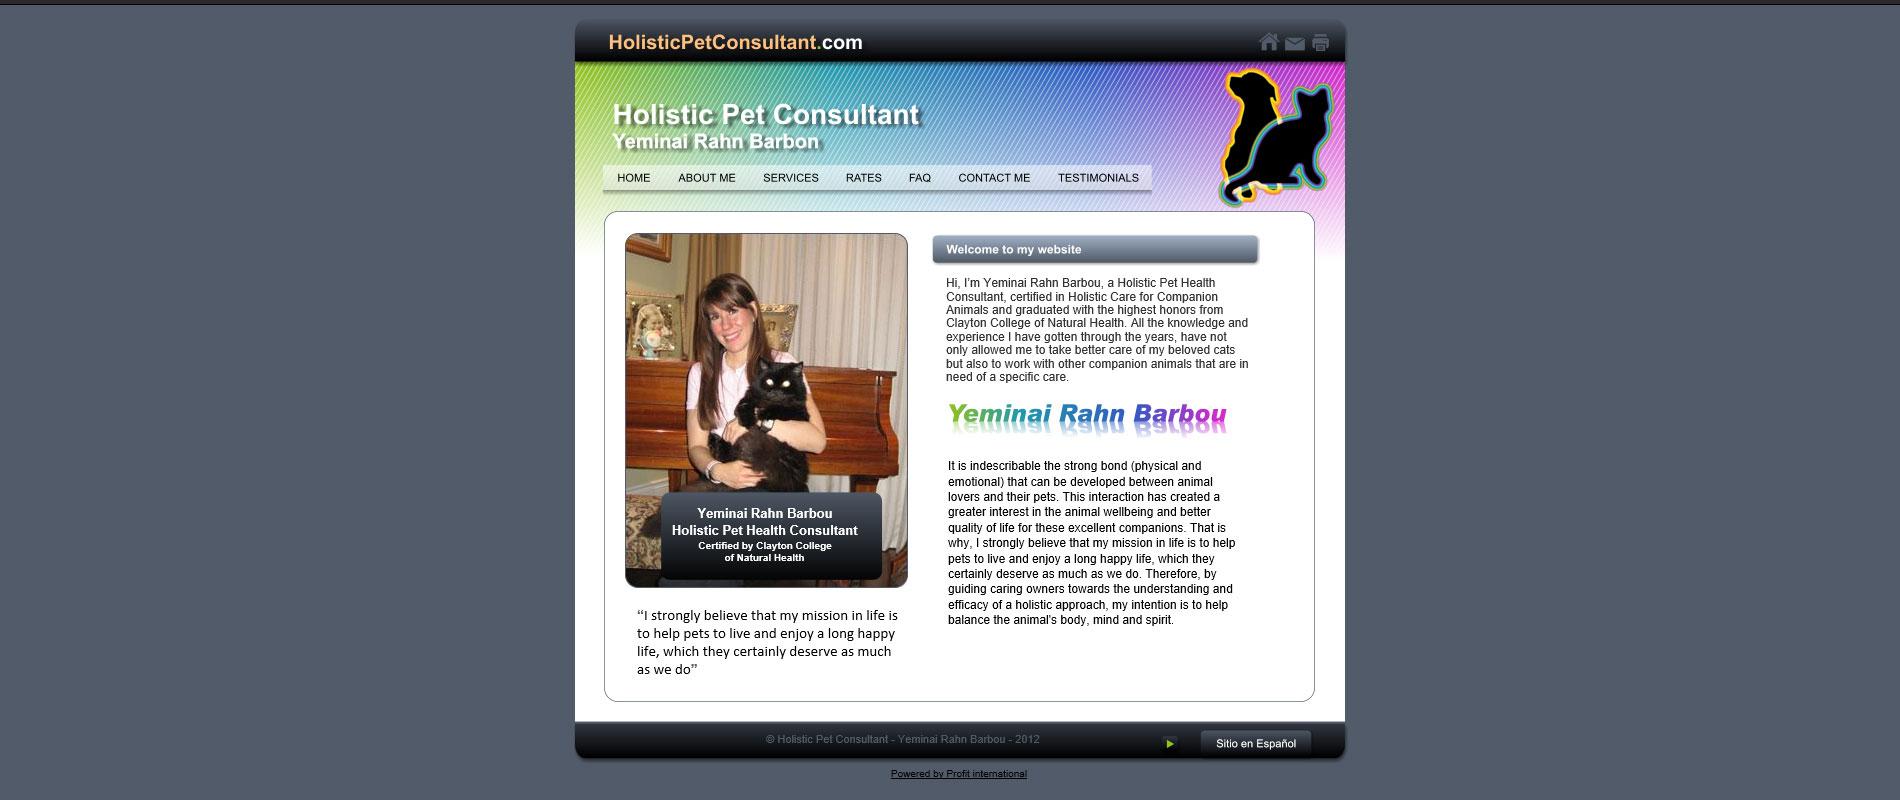 Holistic Pet Consultant